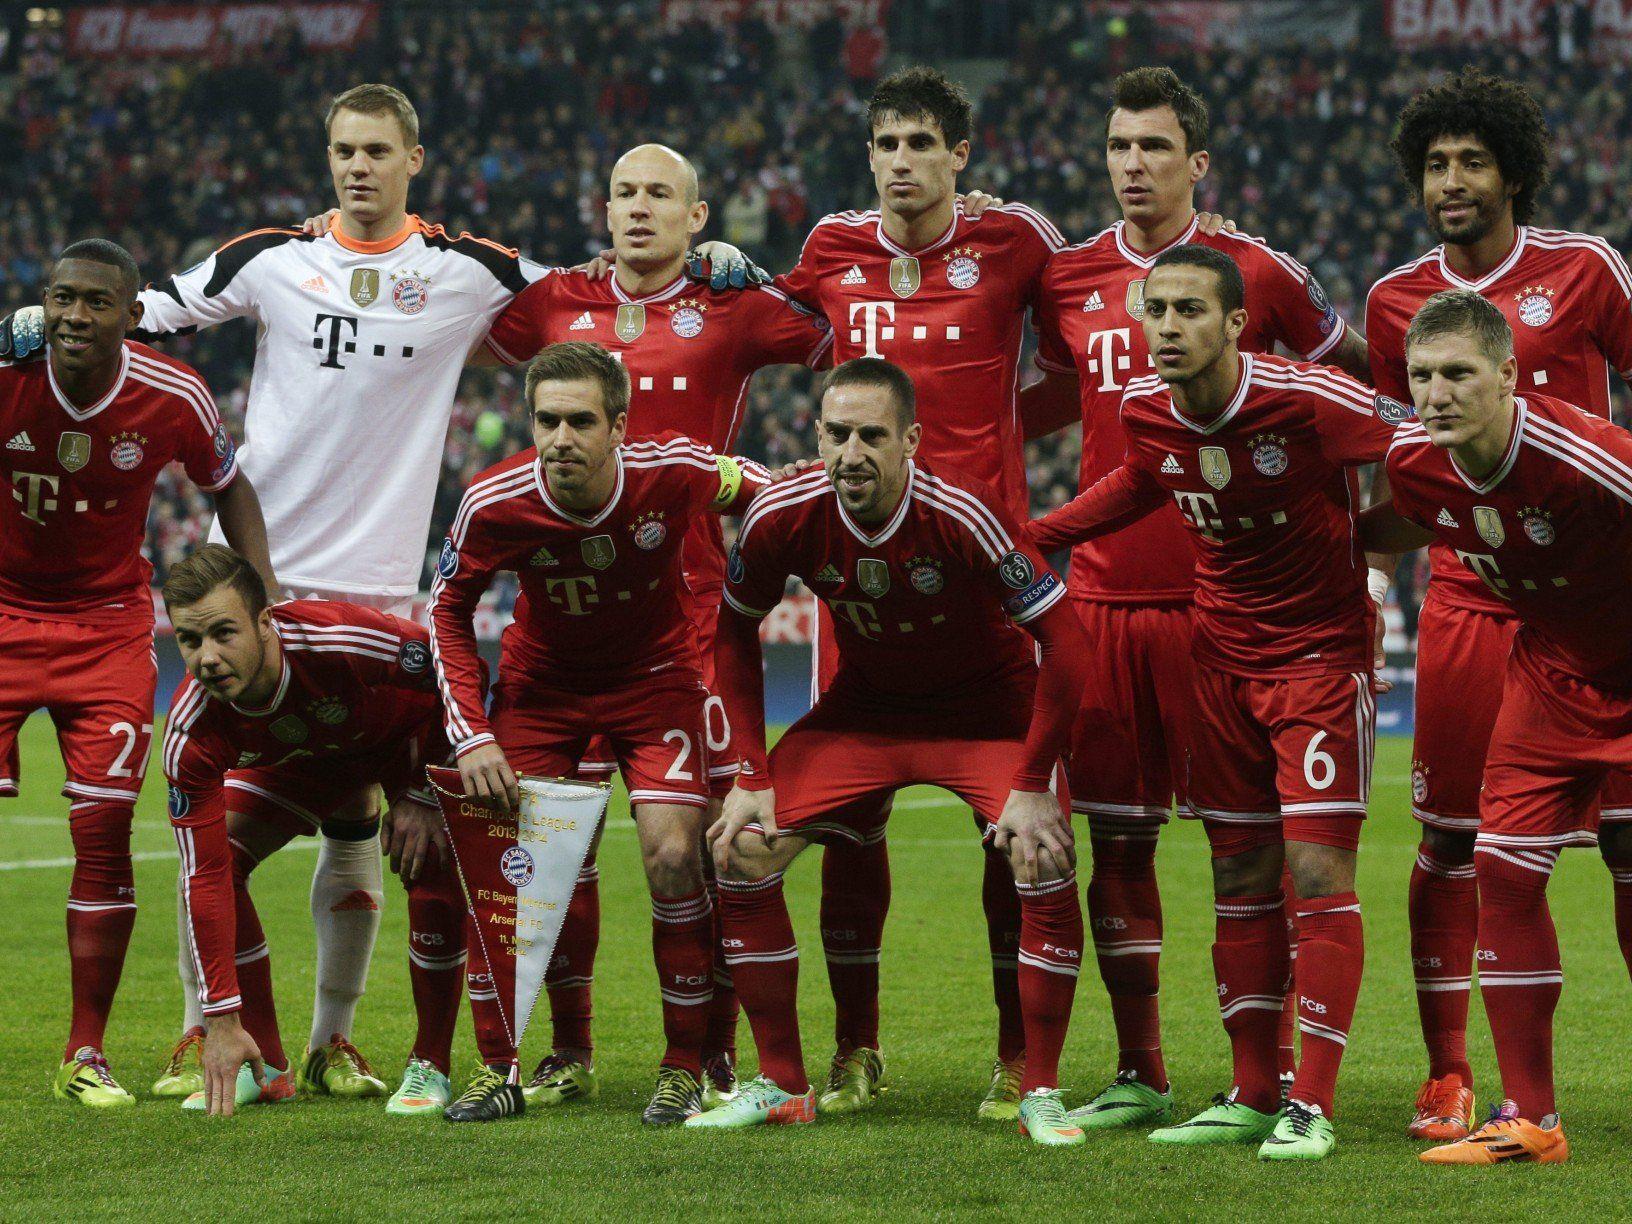 Bayern München muss im CL-Rückspiel gegen ManU auf einen ganzen Fanblock verzichten.